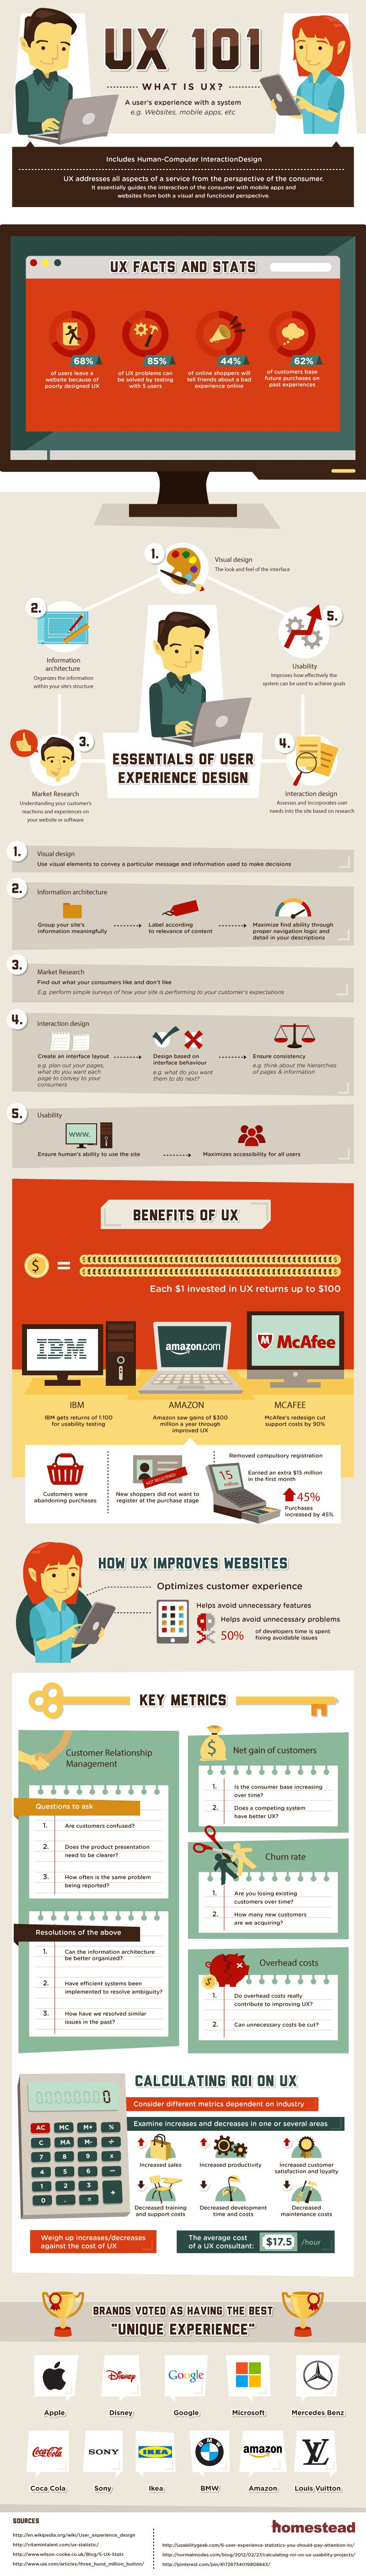 UX-infographic